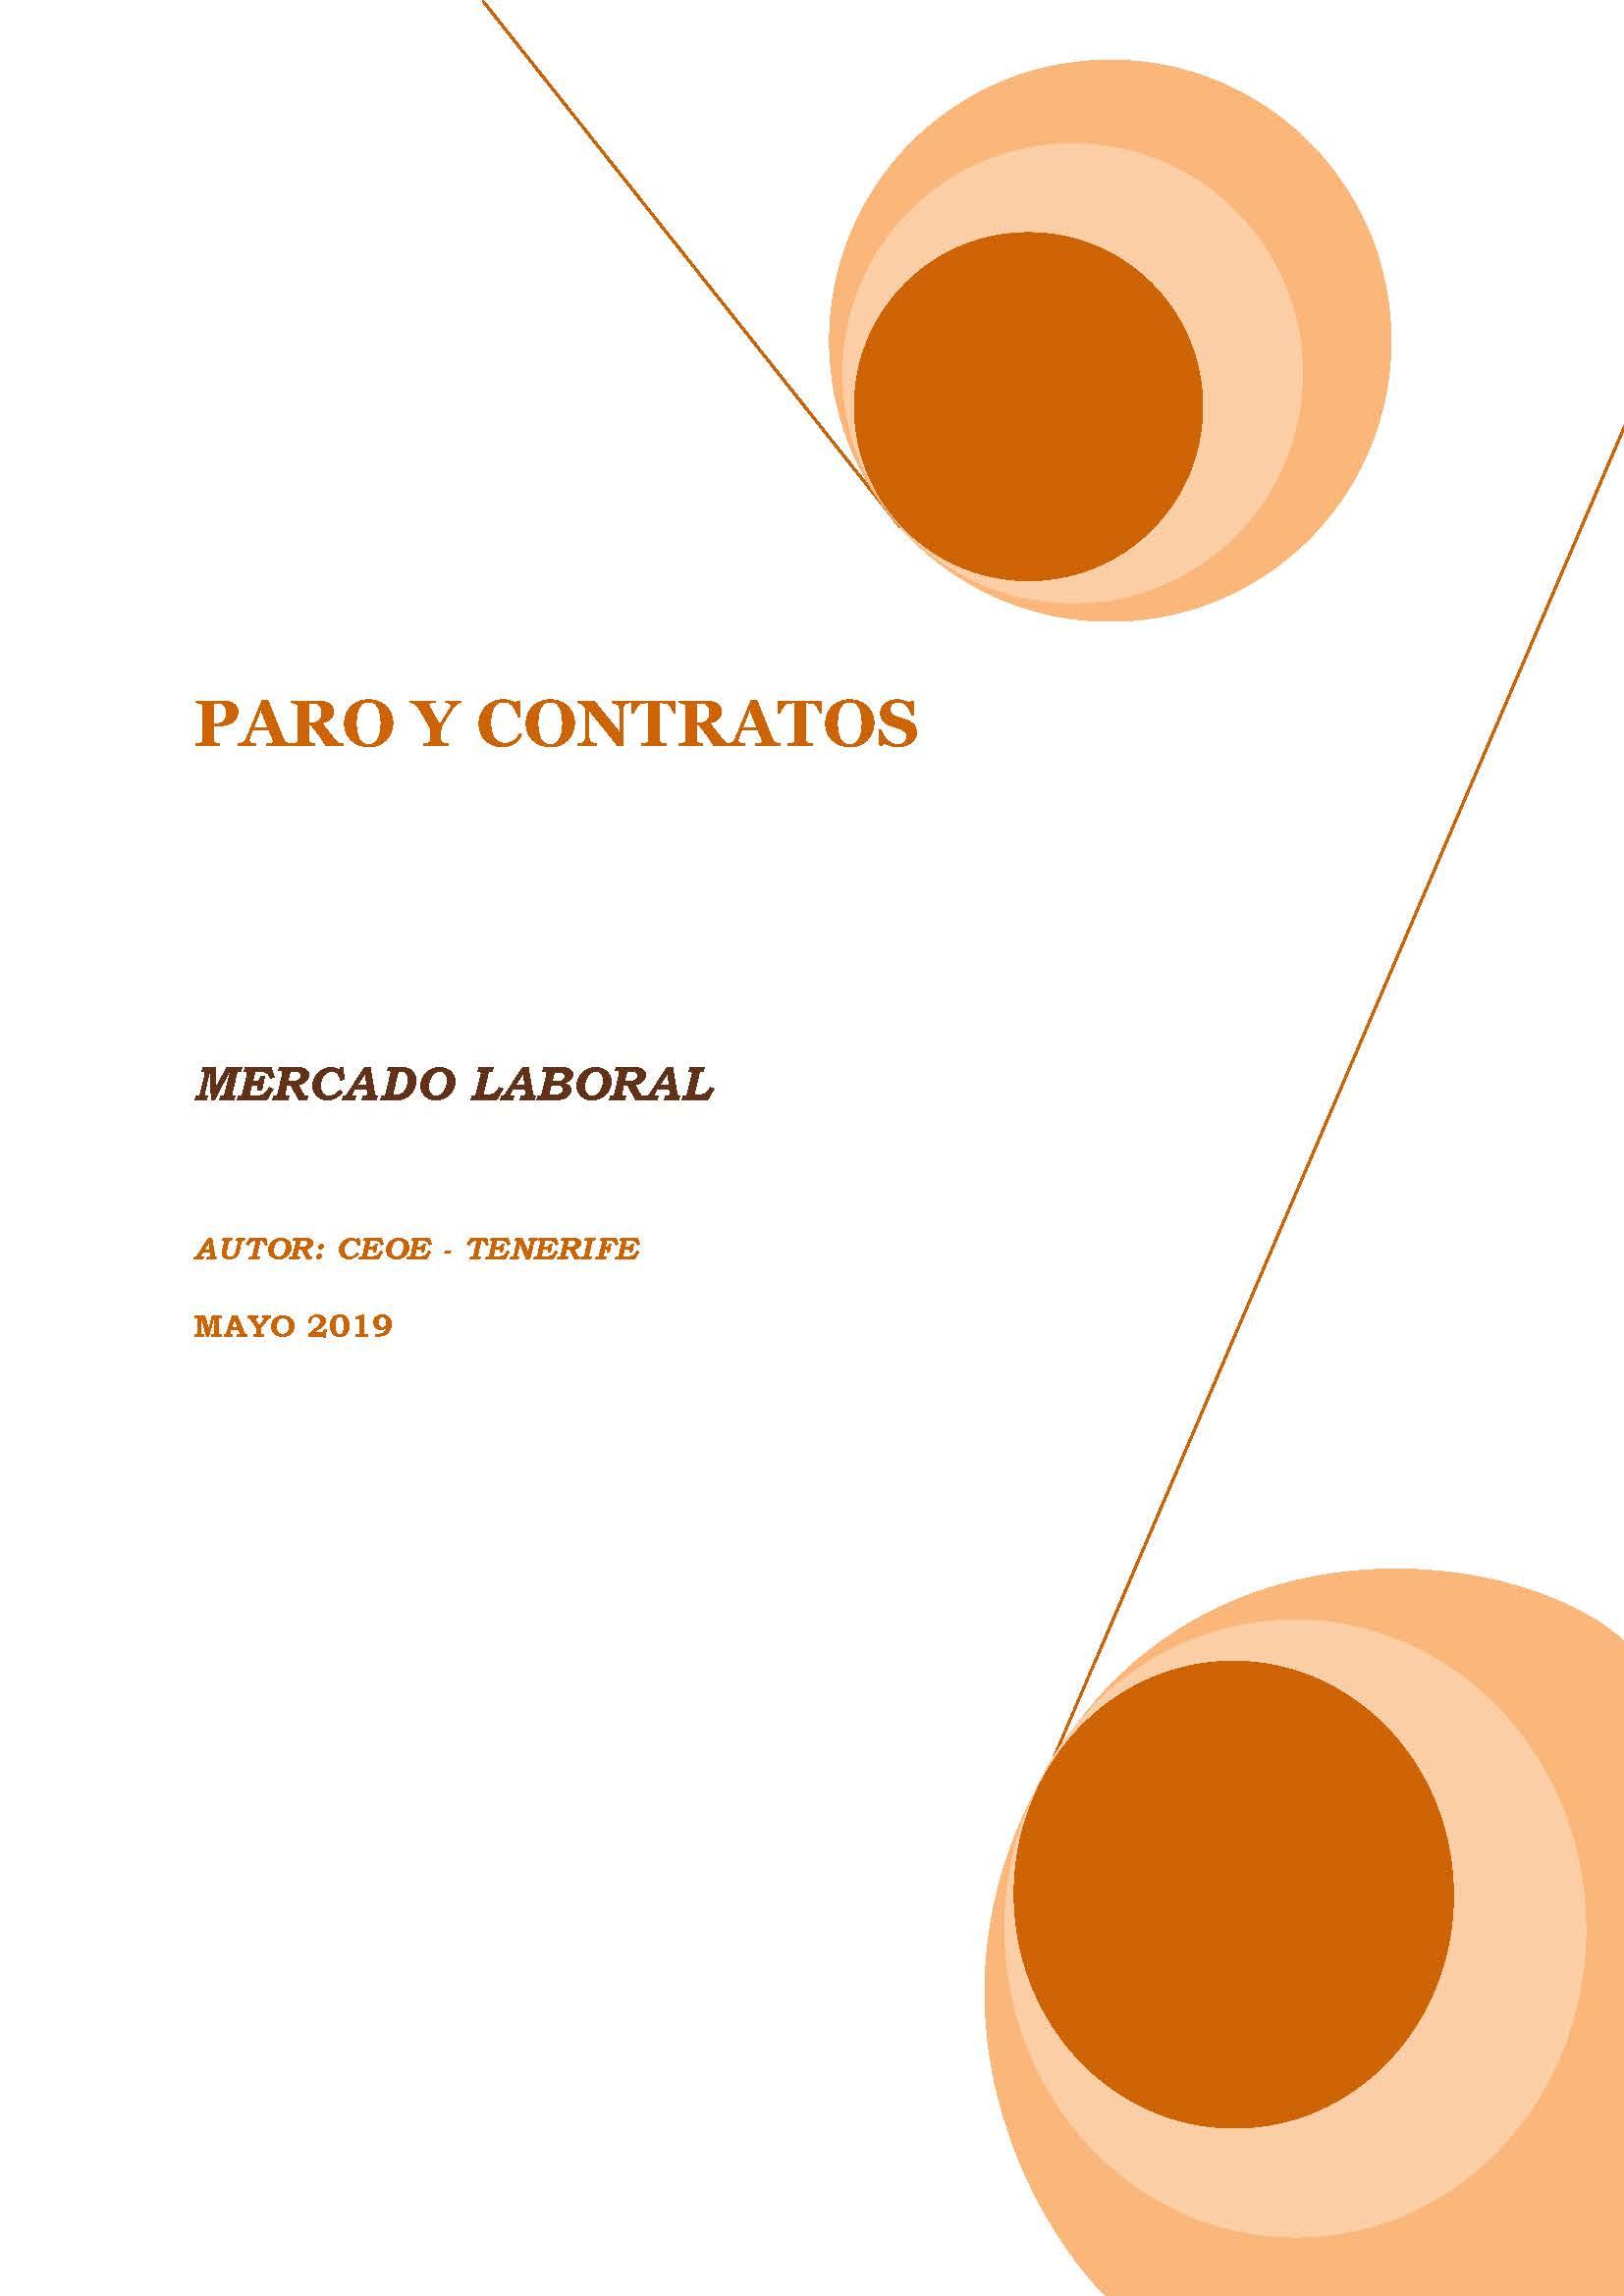 MERCADO LABORAL - PARO Y CONTRATOS MAYO 2019